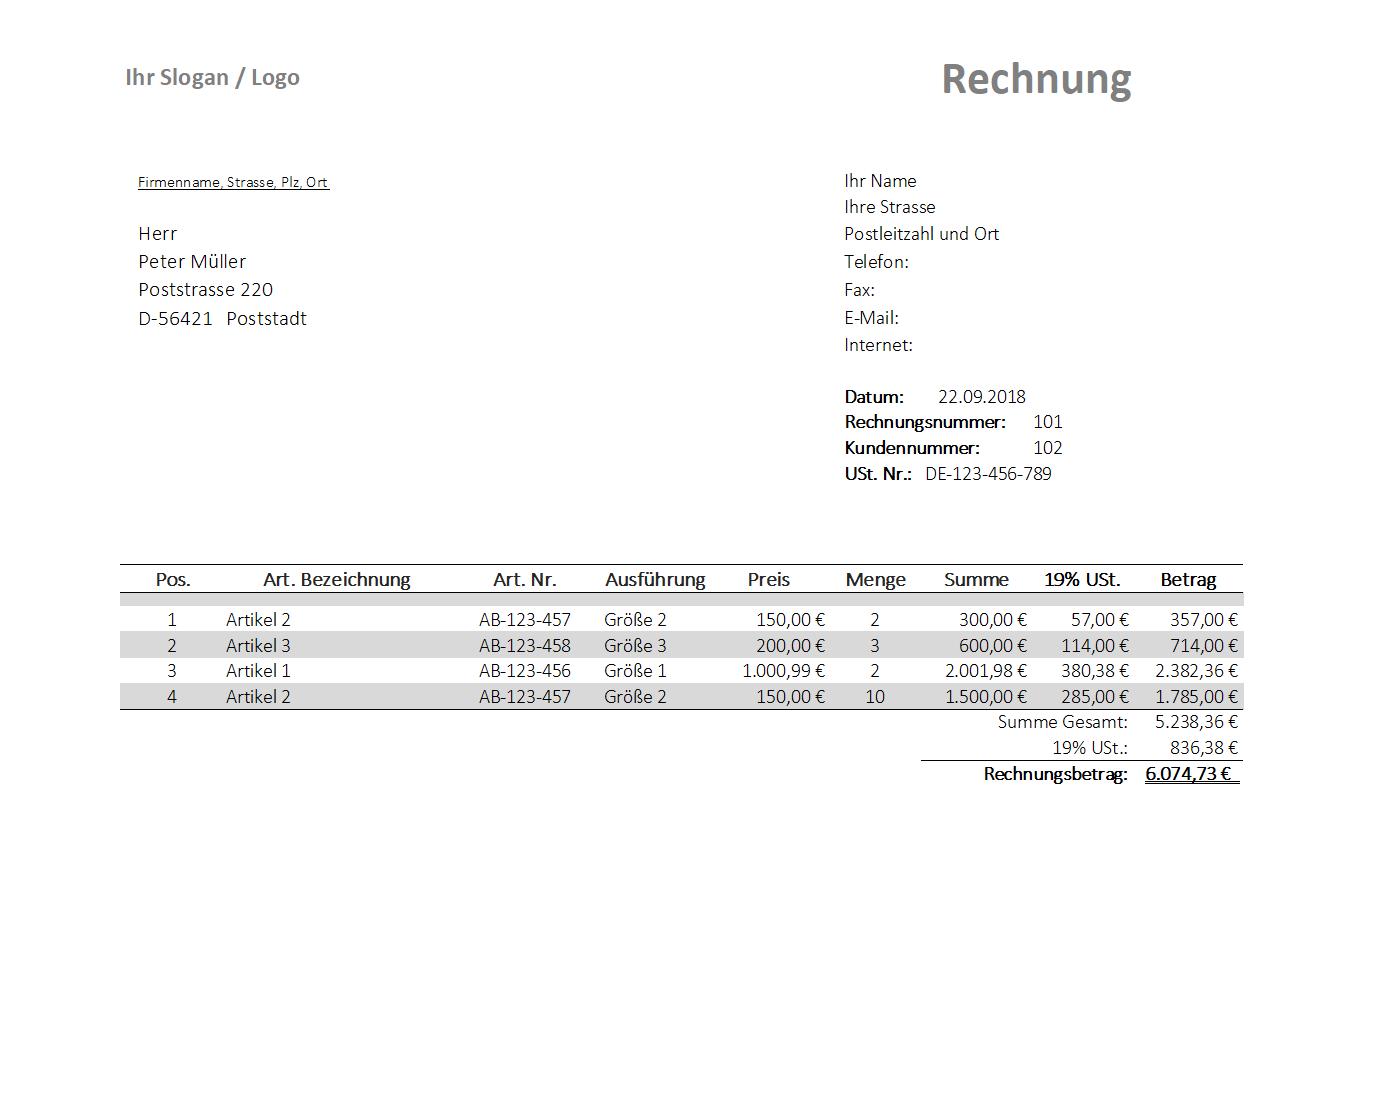 Rechnungsvorlage Mit 19 Ust Auweis Und Rechnungsnachverfolgung